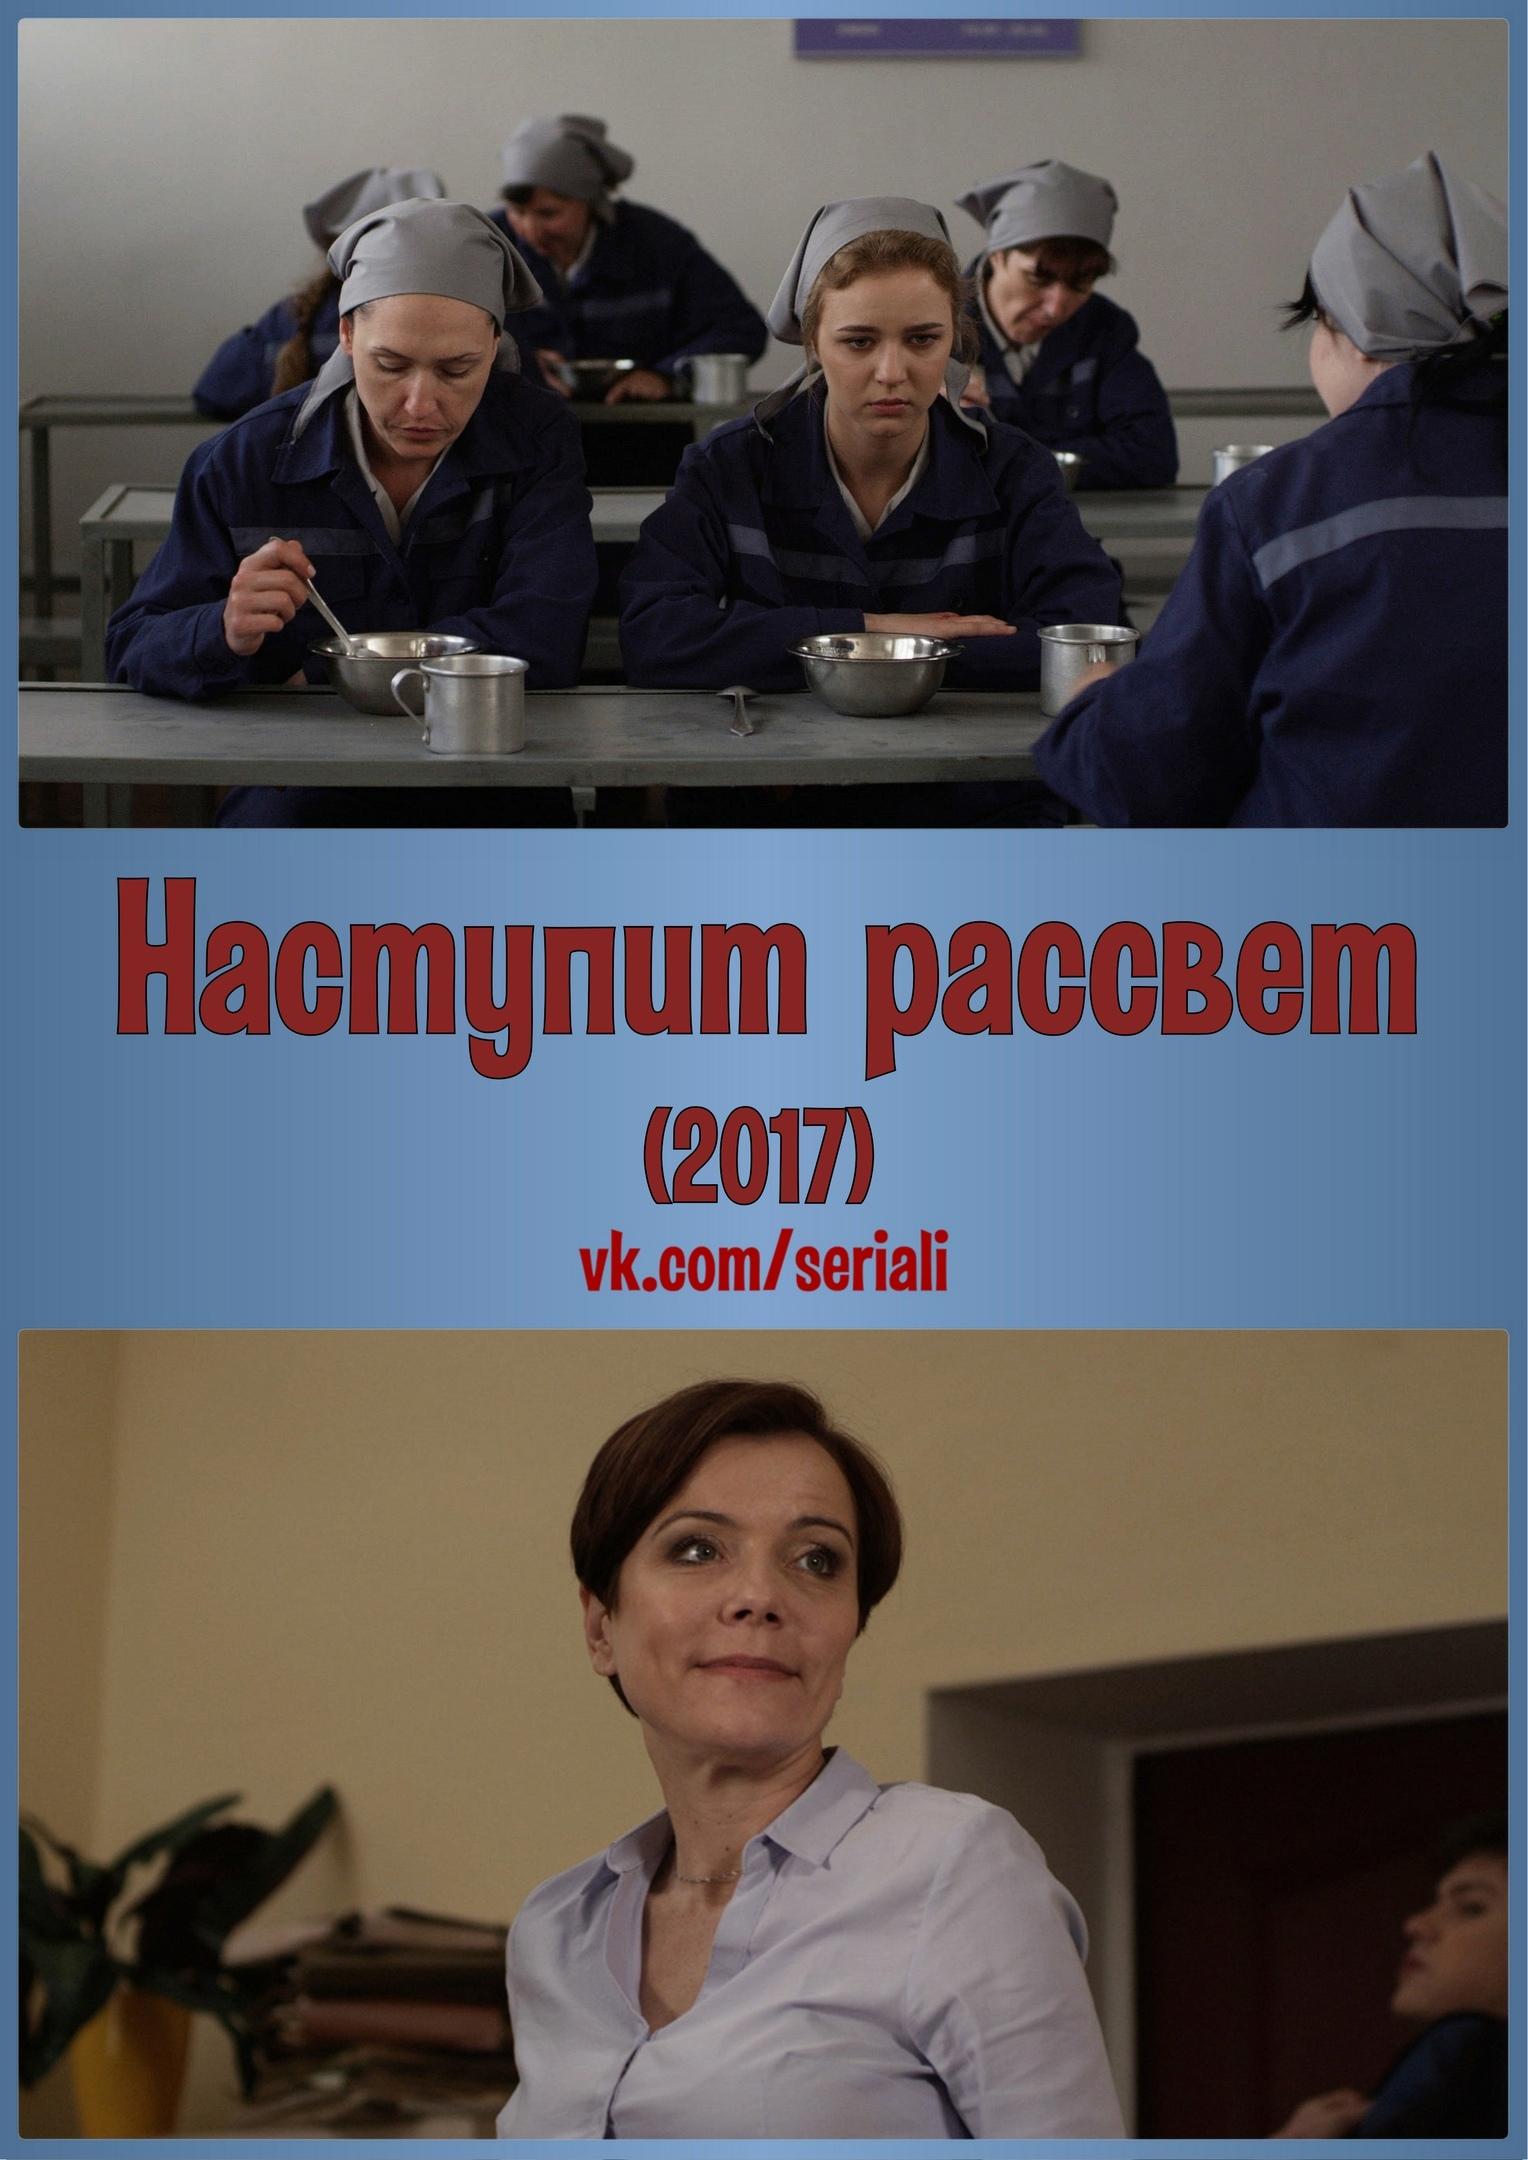 Мелодрама «Наcтупит расcвет» (2017) 1-4 серия из 4 HD